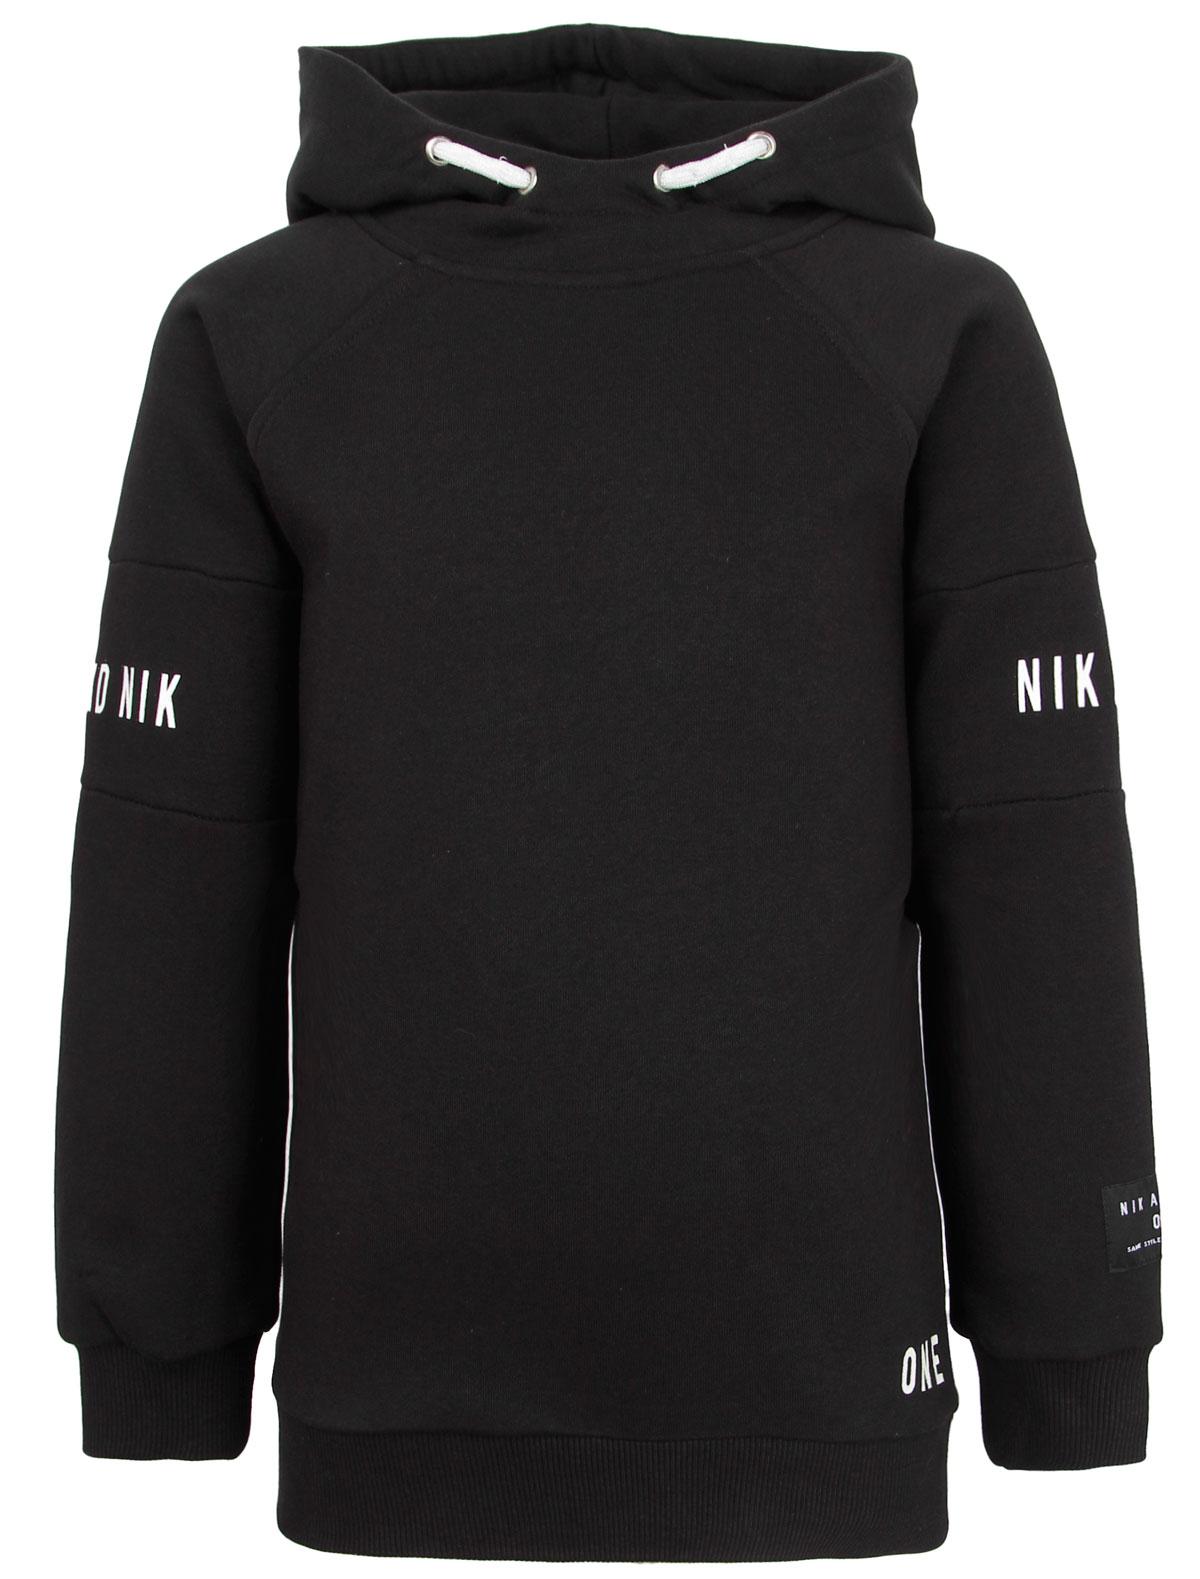 Купить 2123211, Худи NIK & NIK, черный, 0091129980038